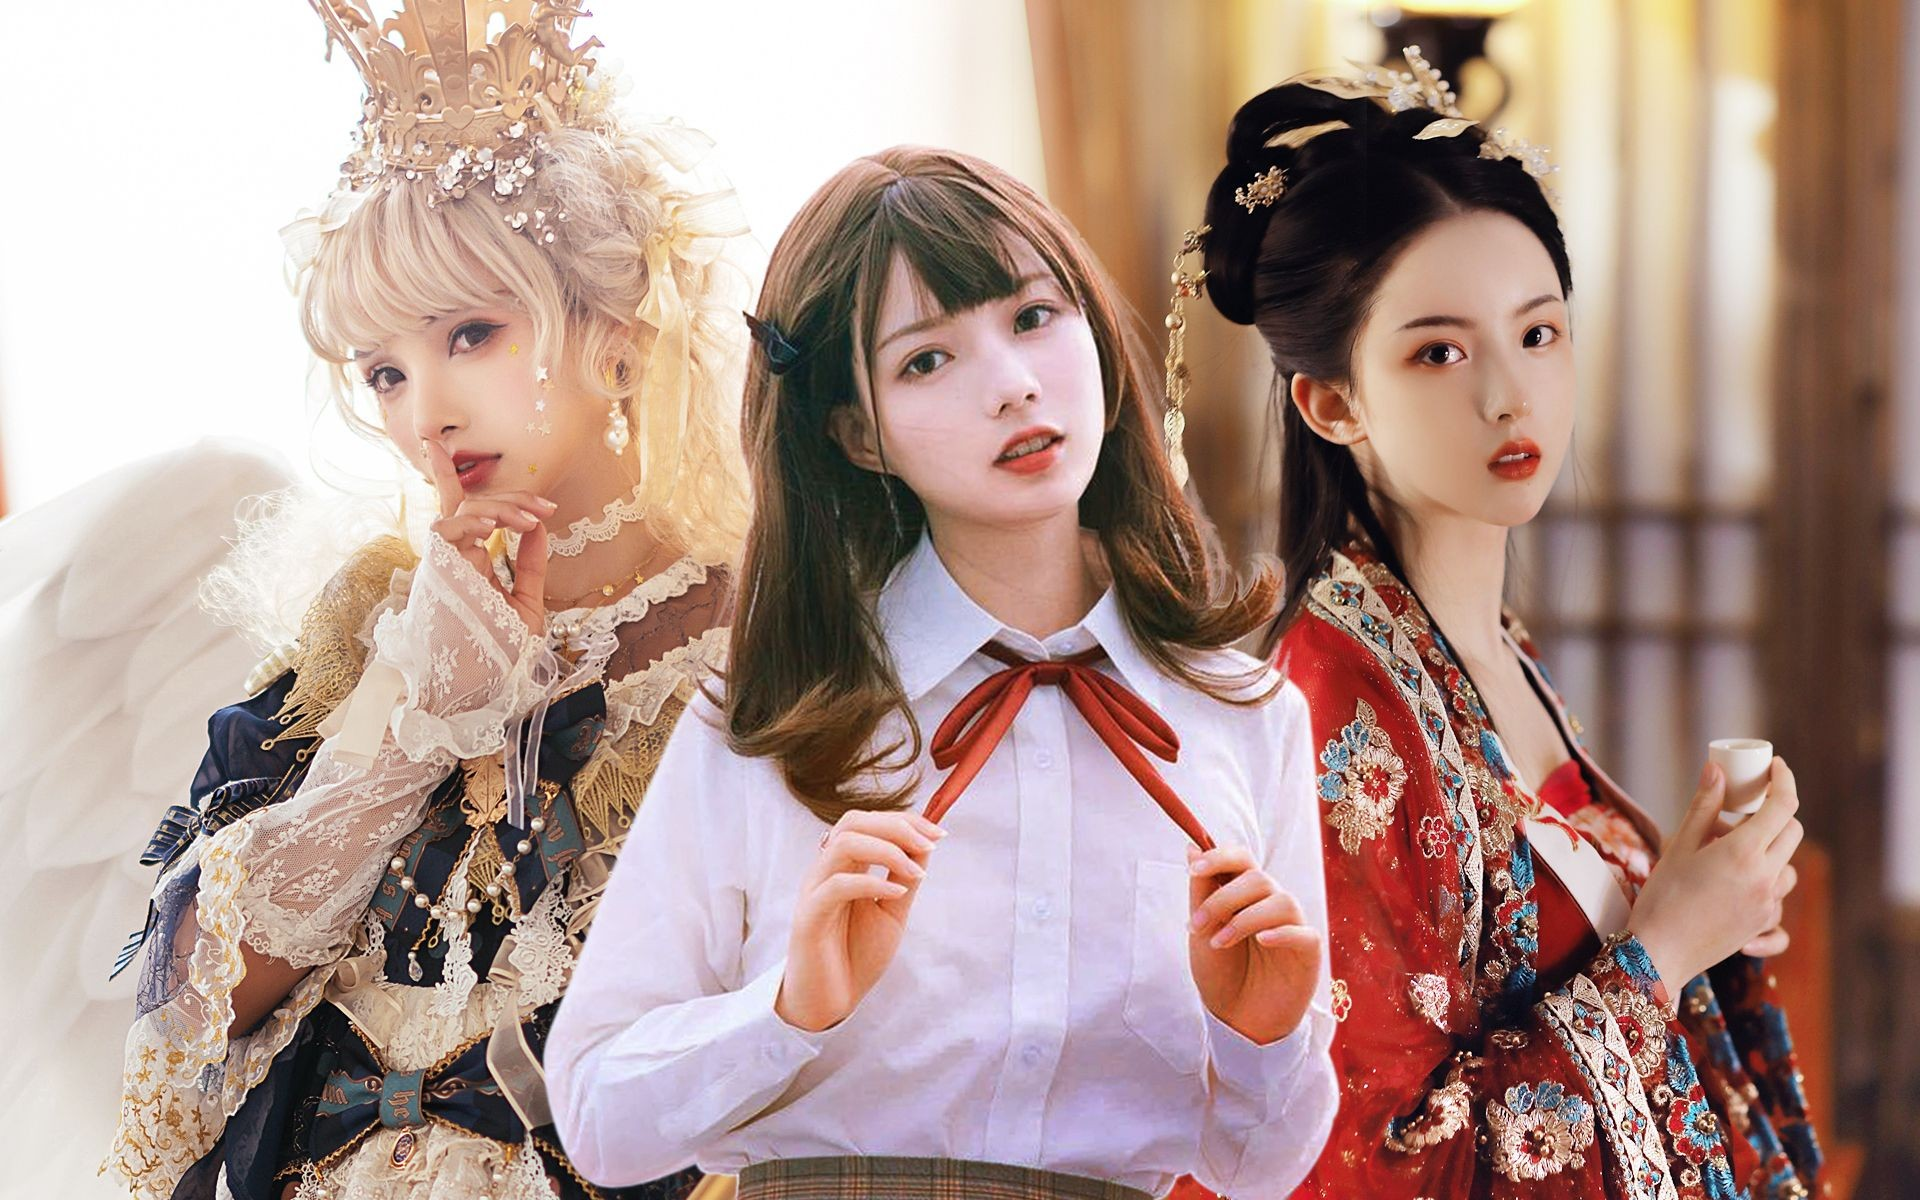 【三周年】9分钟看完200个破产女神小姐姐!(Lolita/JK制服/汉服)